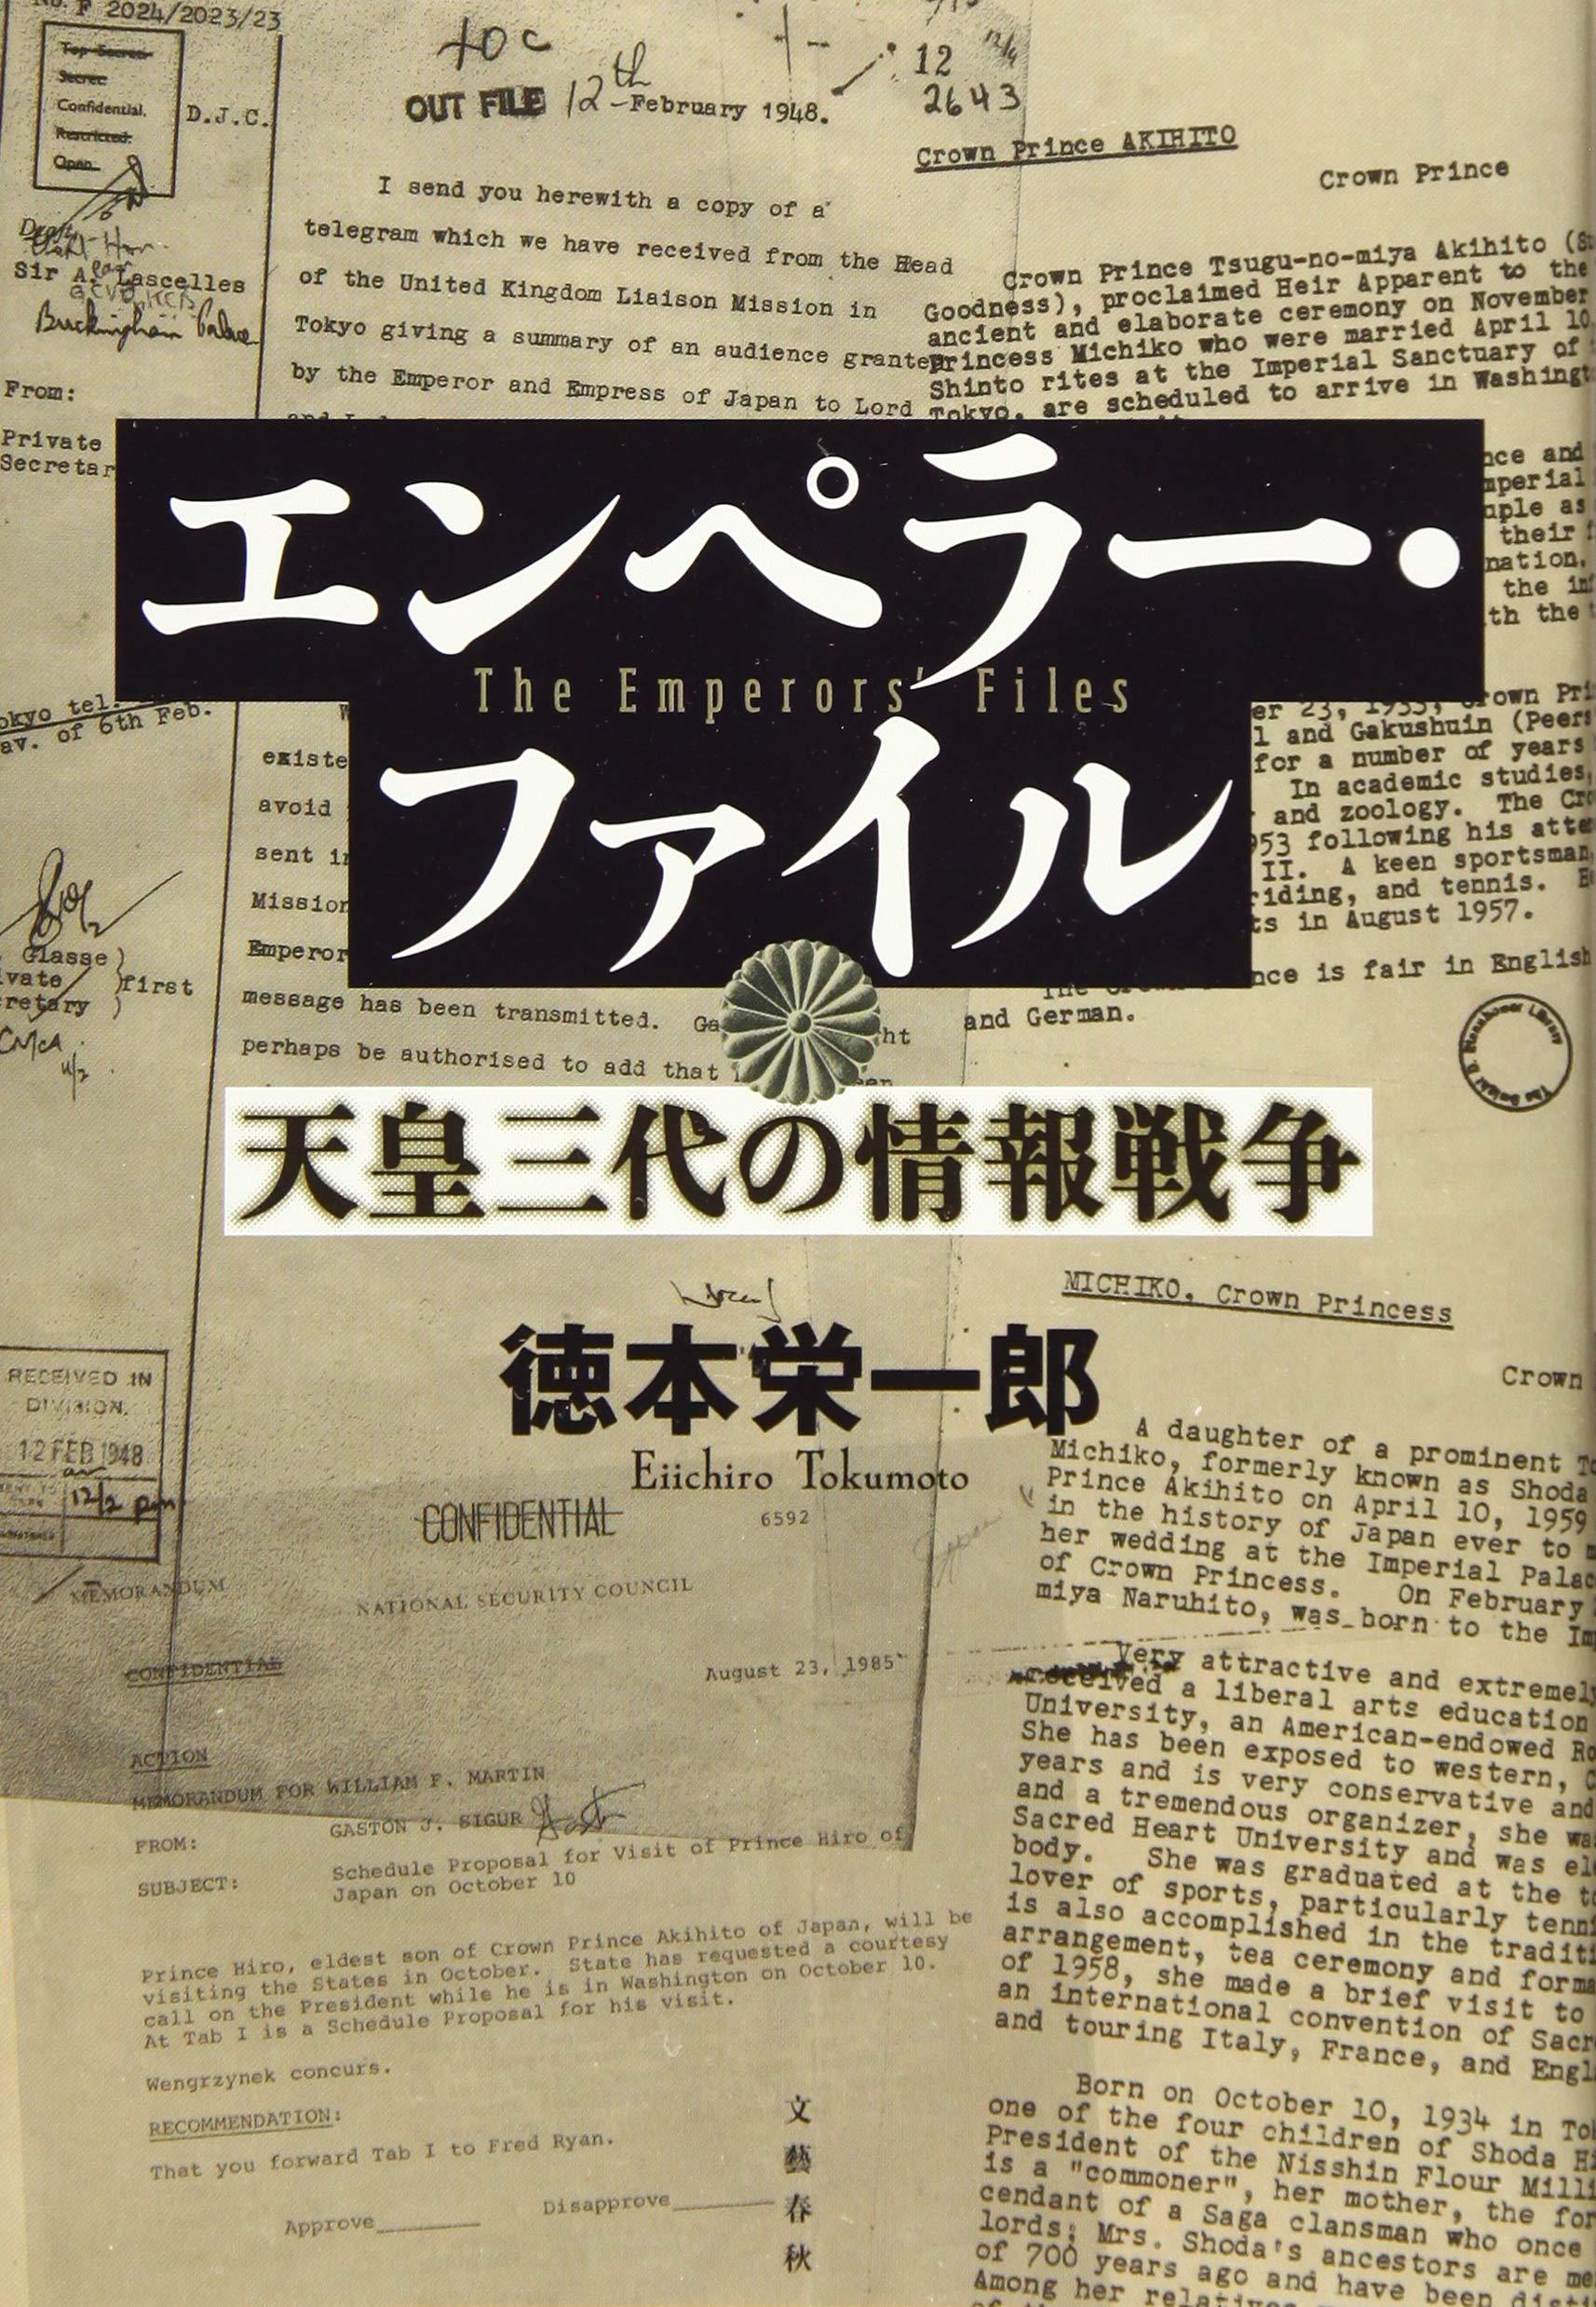 徳本栄一郎『エンペラー・ファイル』 書評